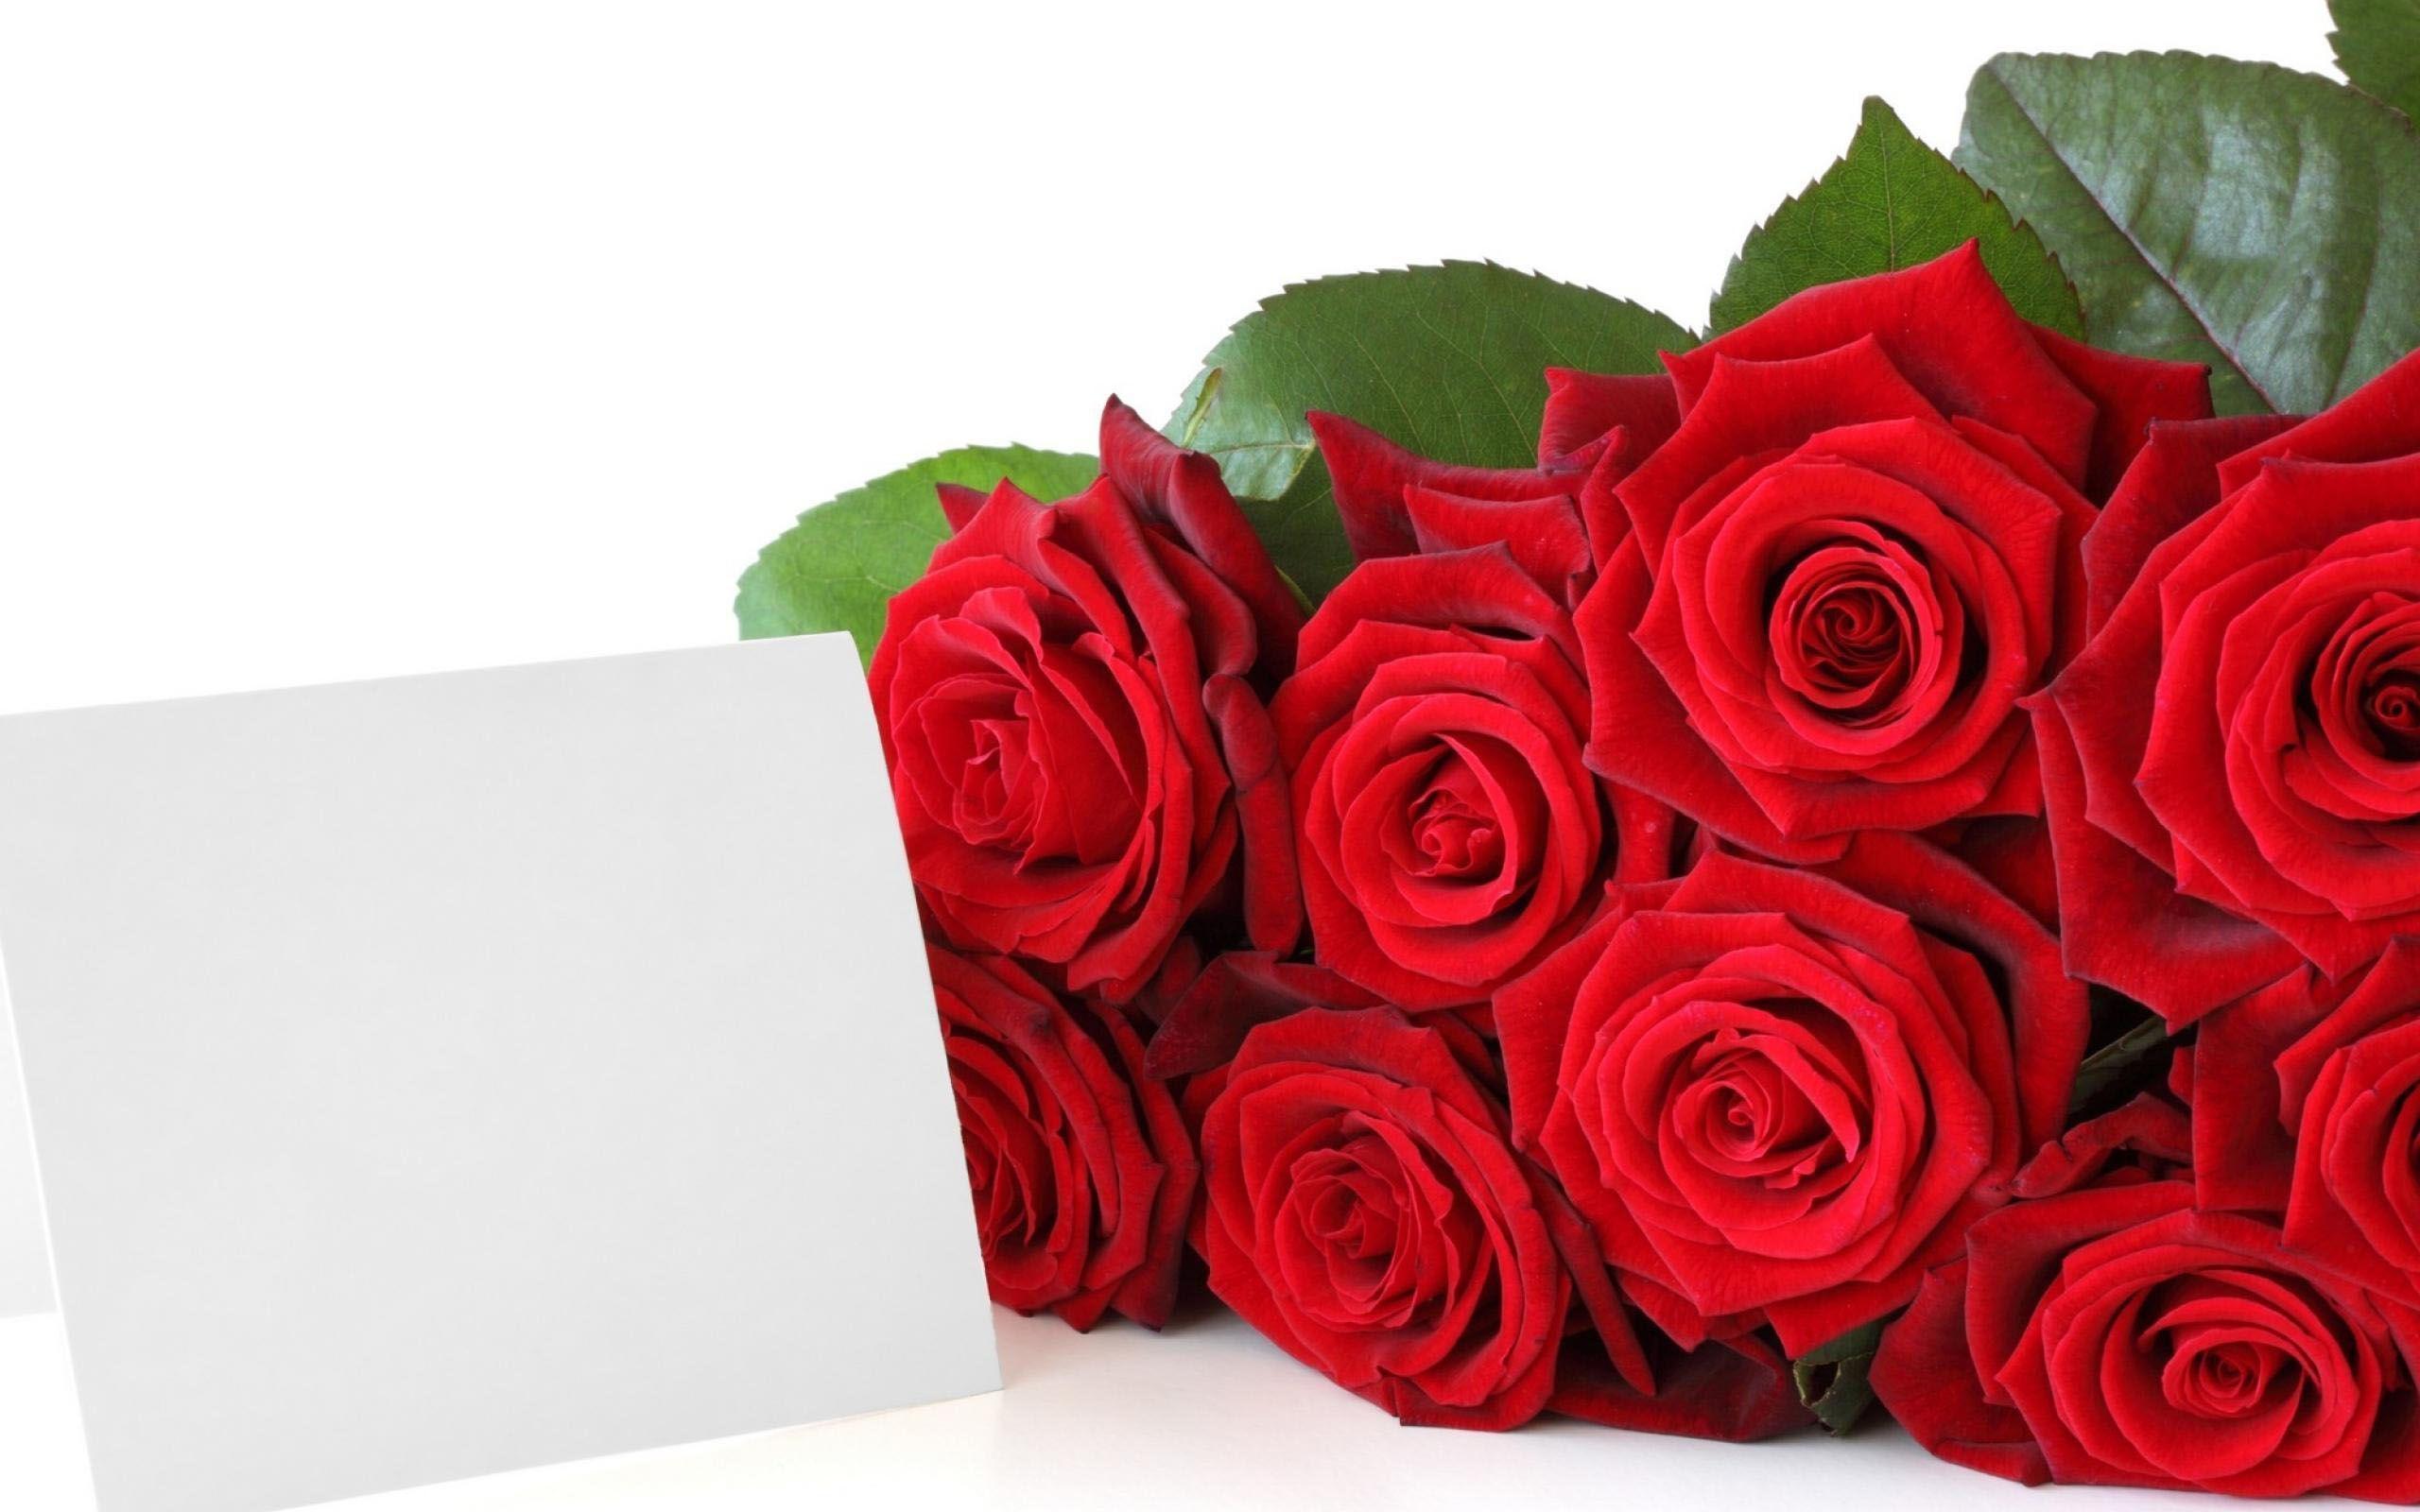 фон для открытки на день рождения с розами лежит